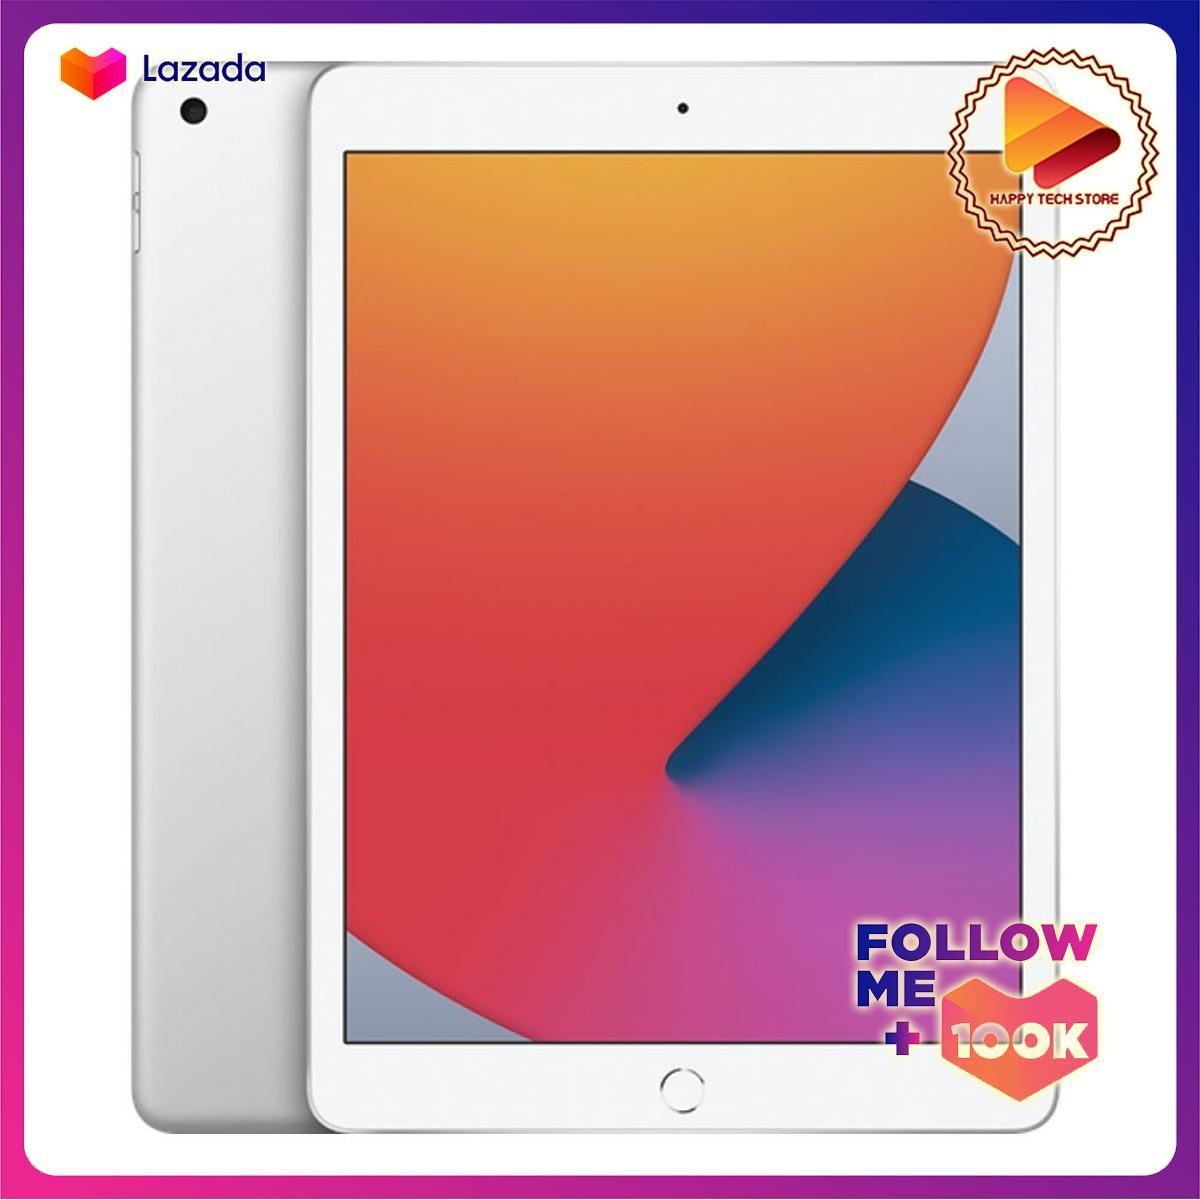 TRẢ GÓP 0%] Máy tính bảng iPad Gen 8 32GB WiFi Silver MYLA2 giá rẻ  8.966.000₫